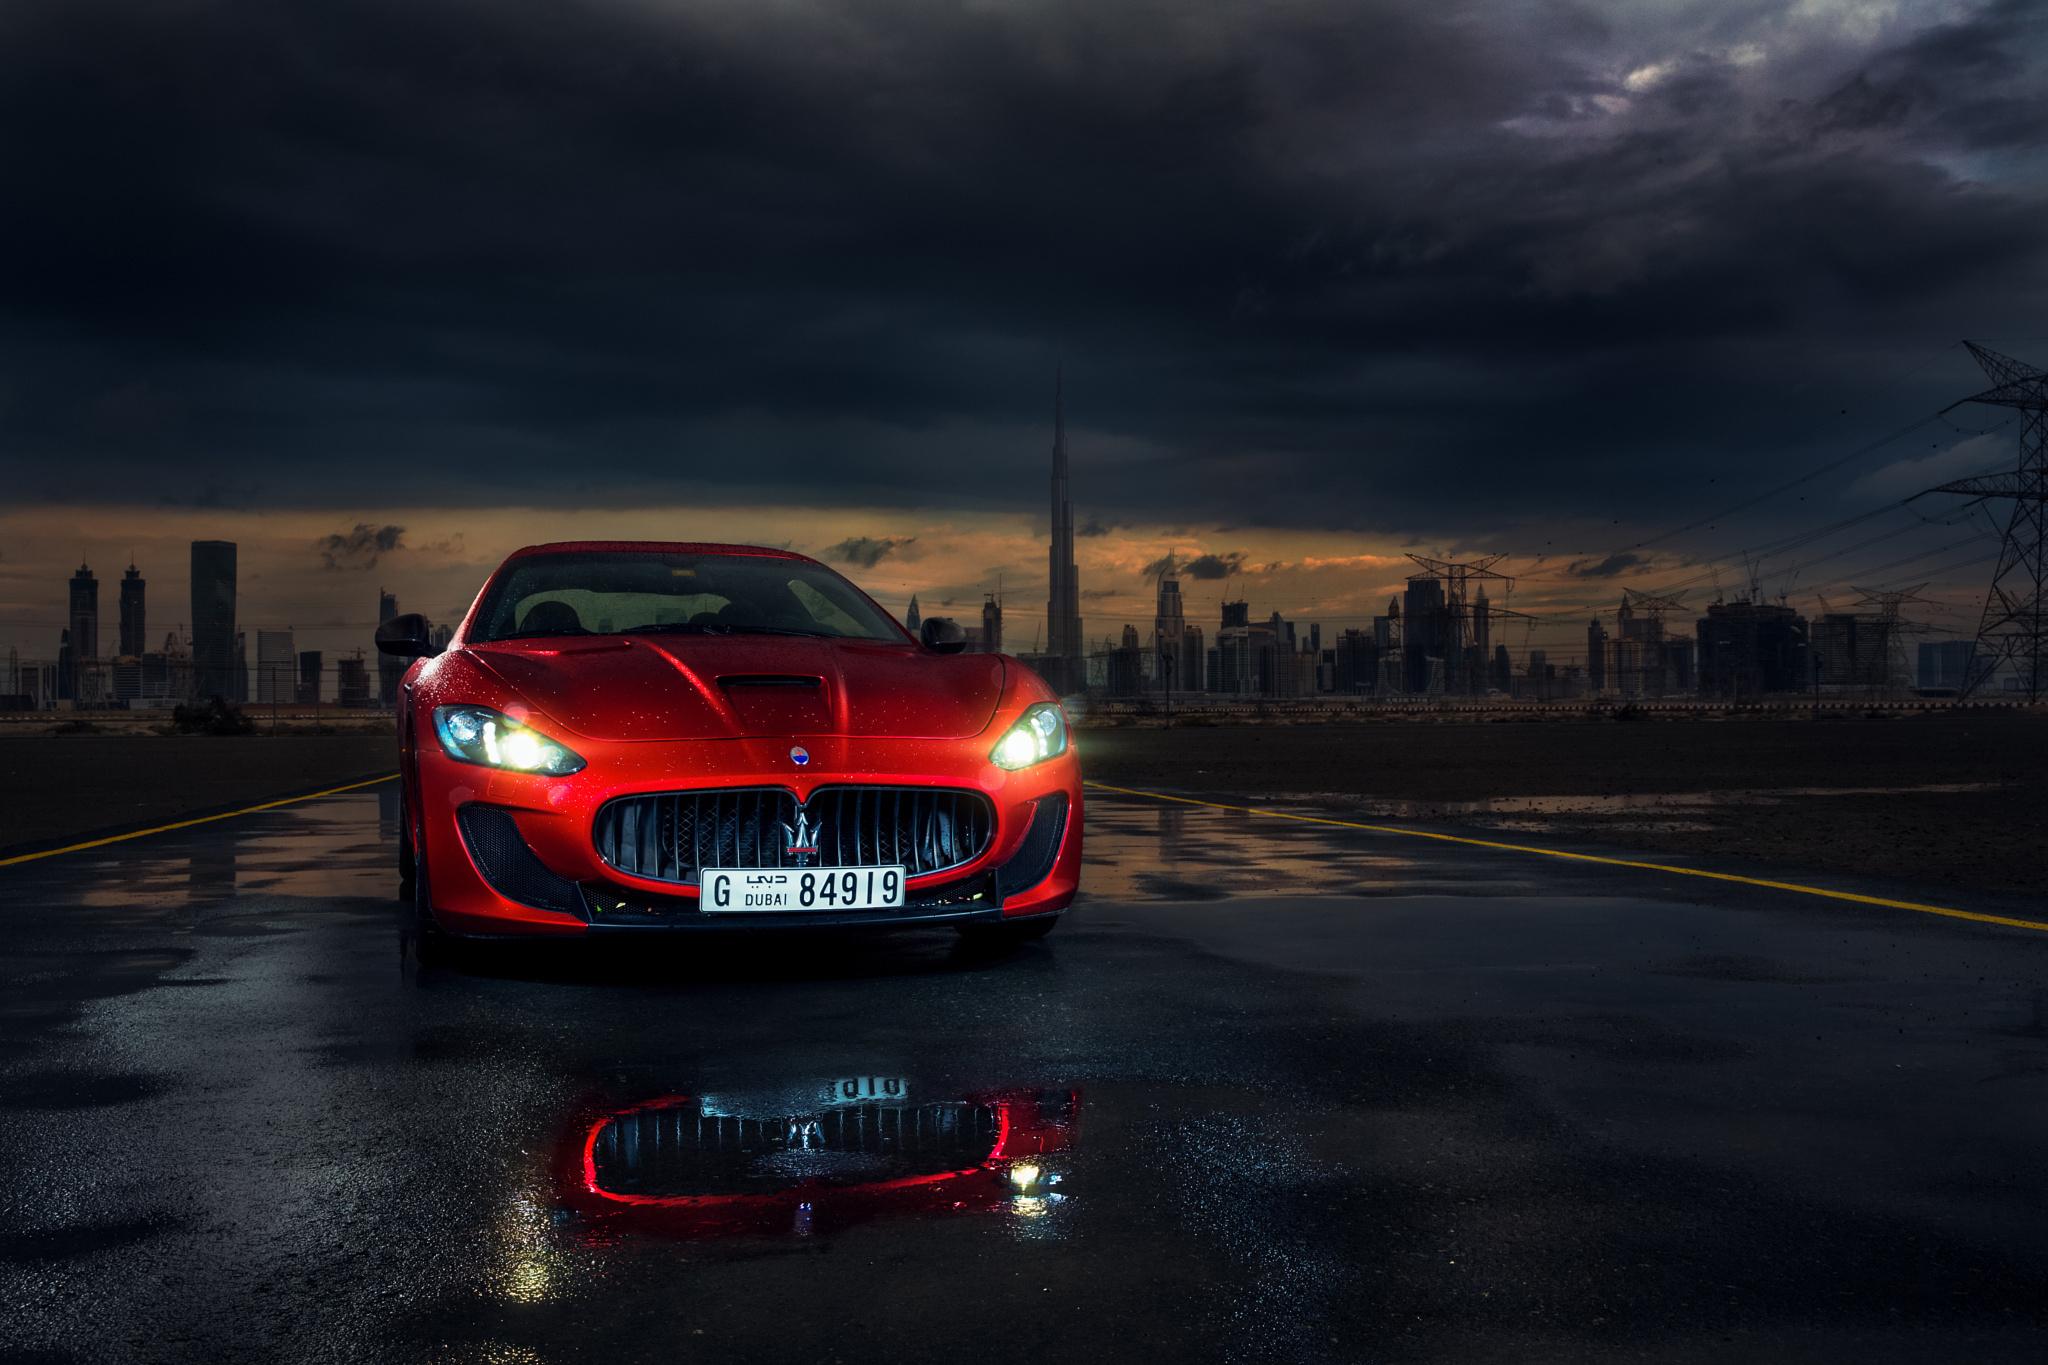 122496 Hintergrundbild herunterladen Maserati, Cars, Vorderansicht, Frontansicht, Gran Turismo, Granturismo, Mc Stradale - Bildschirmschoner und Bilder kostenlos